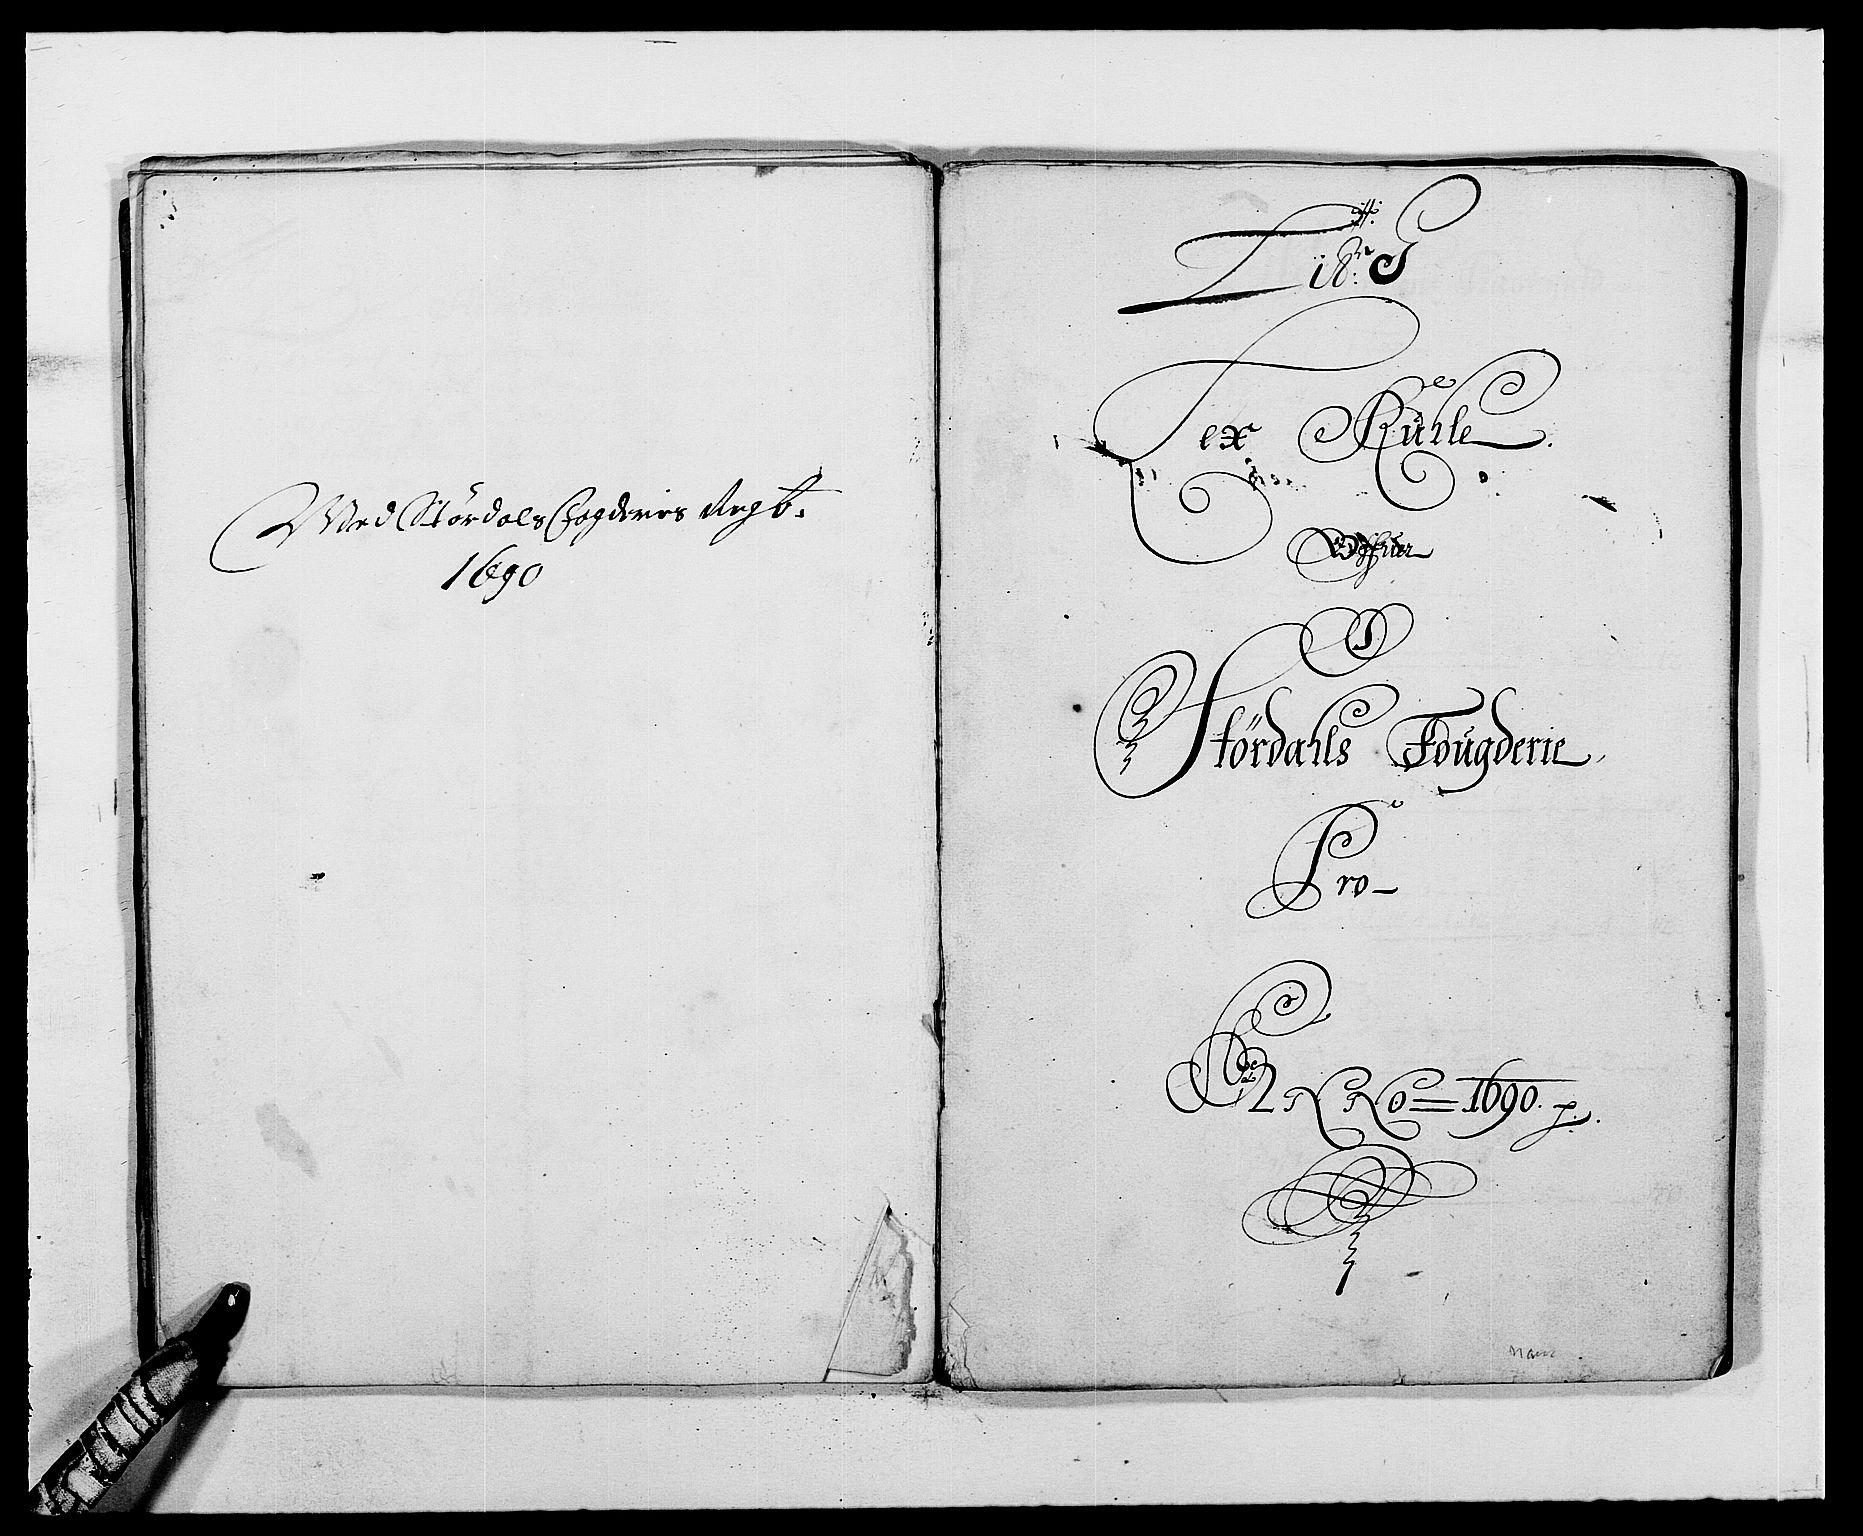 RA, Rentekammeret inntil 1814, Reviderte regnskaper, Fogderegnskap, R62/L4184: Fogderegnskap Stjørdal og Verdal, 1690-1691, s. 103